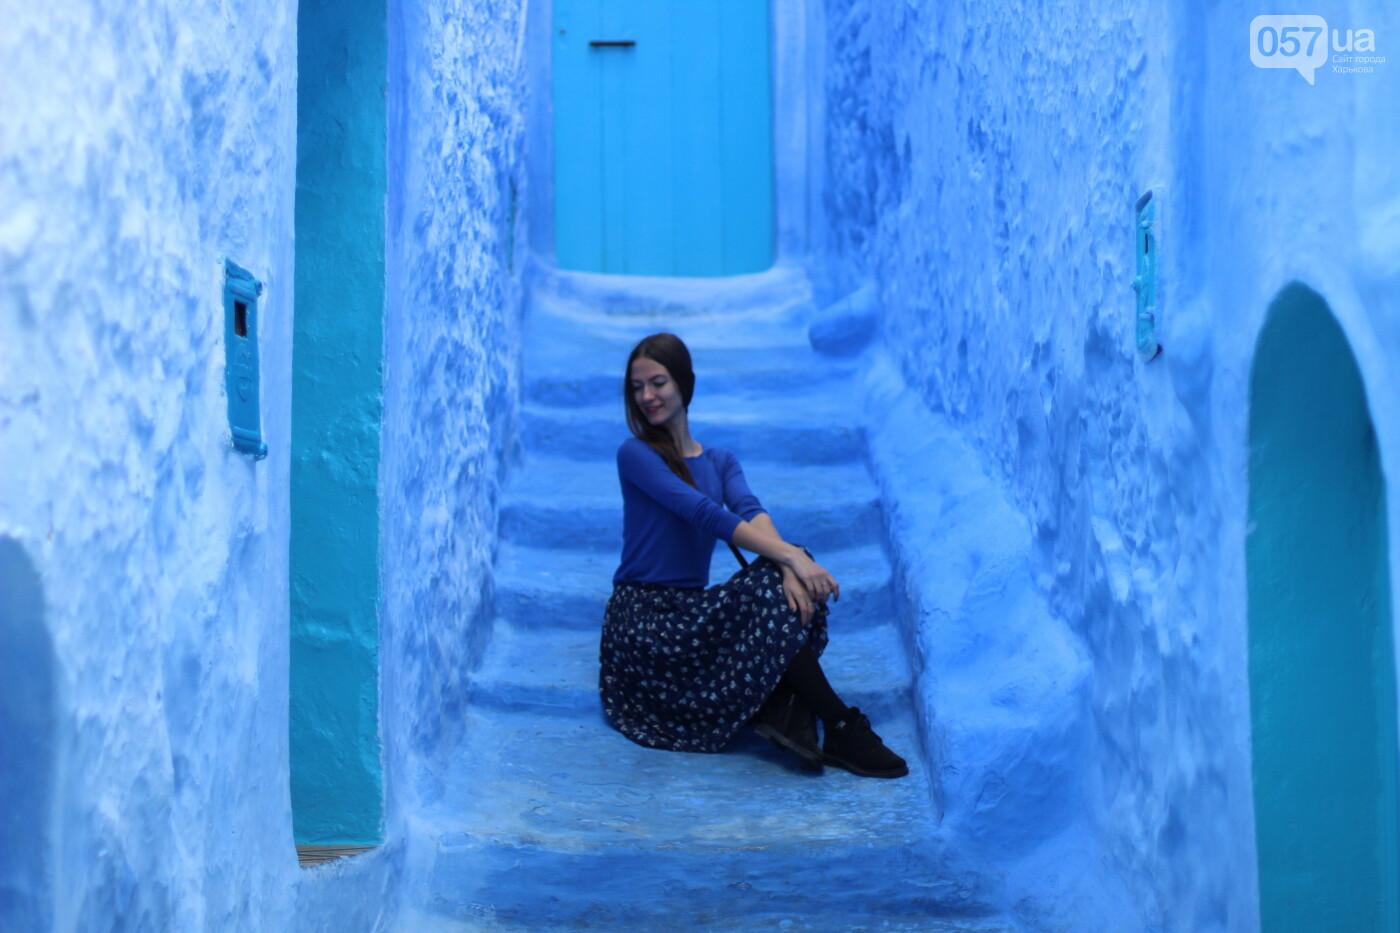 Из Харькова в Африку. Как добраться, на что посмотреть и что попробовать в Королевстве Марокко, - ФОТО, фото-23